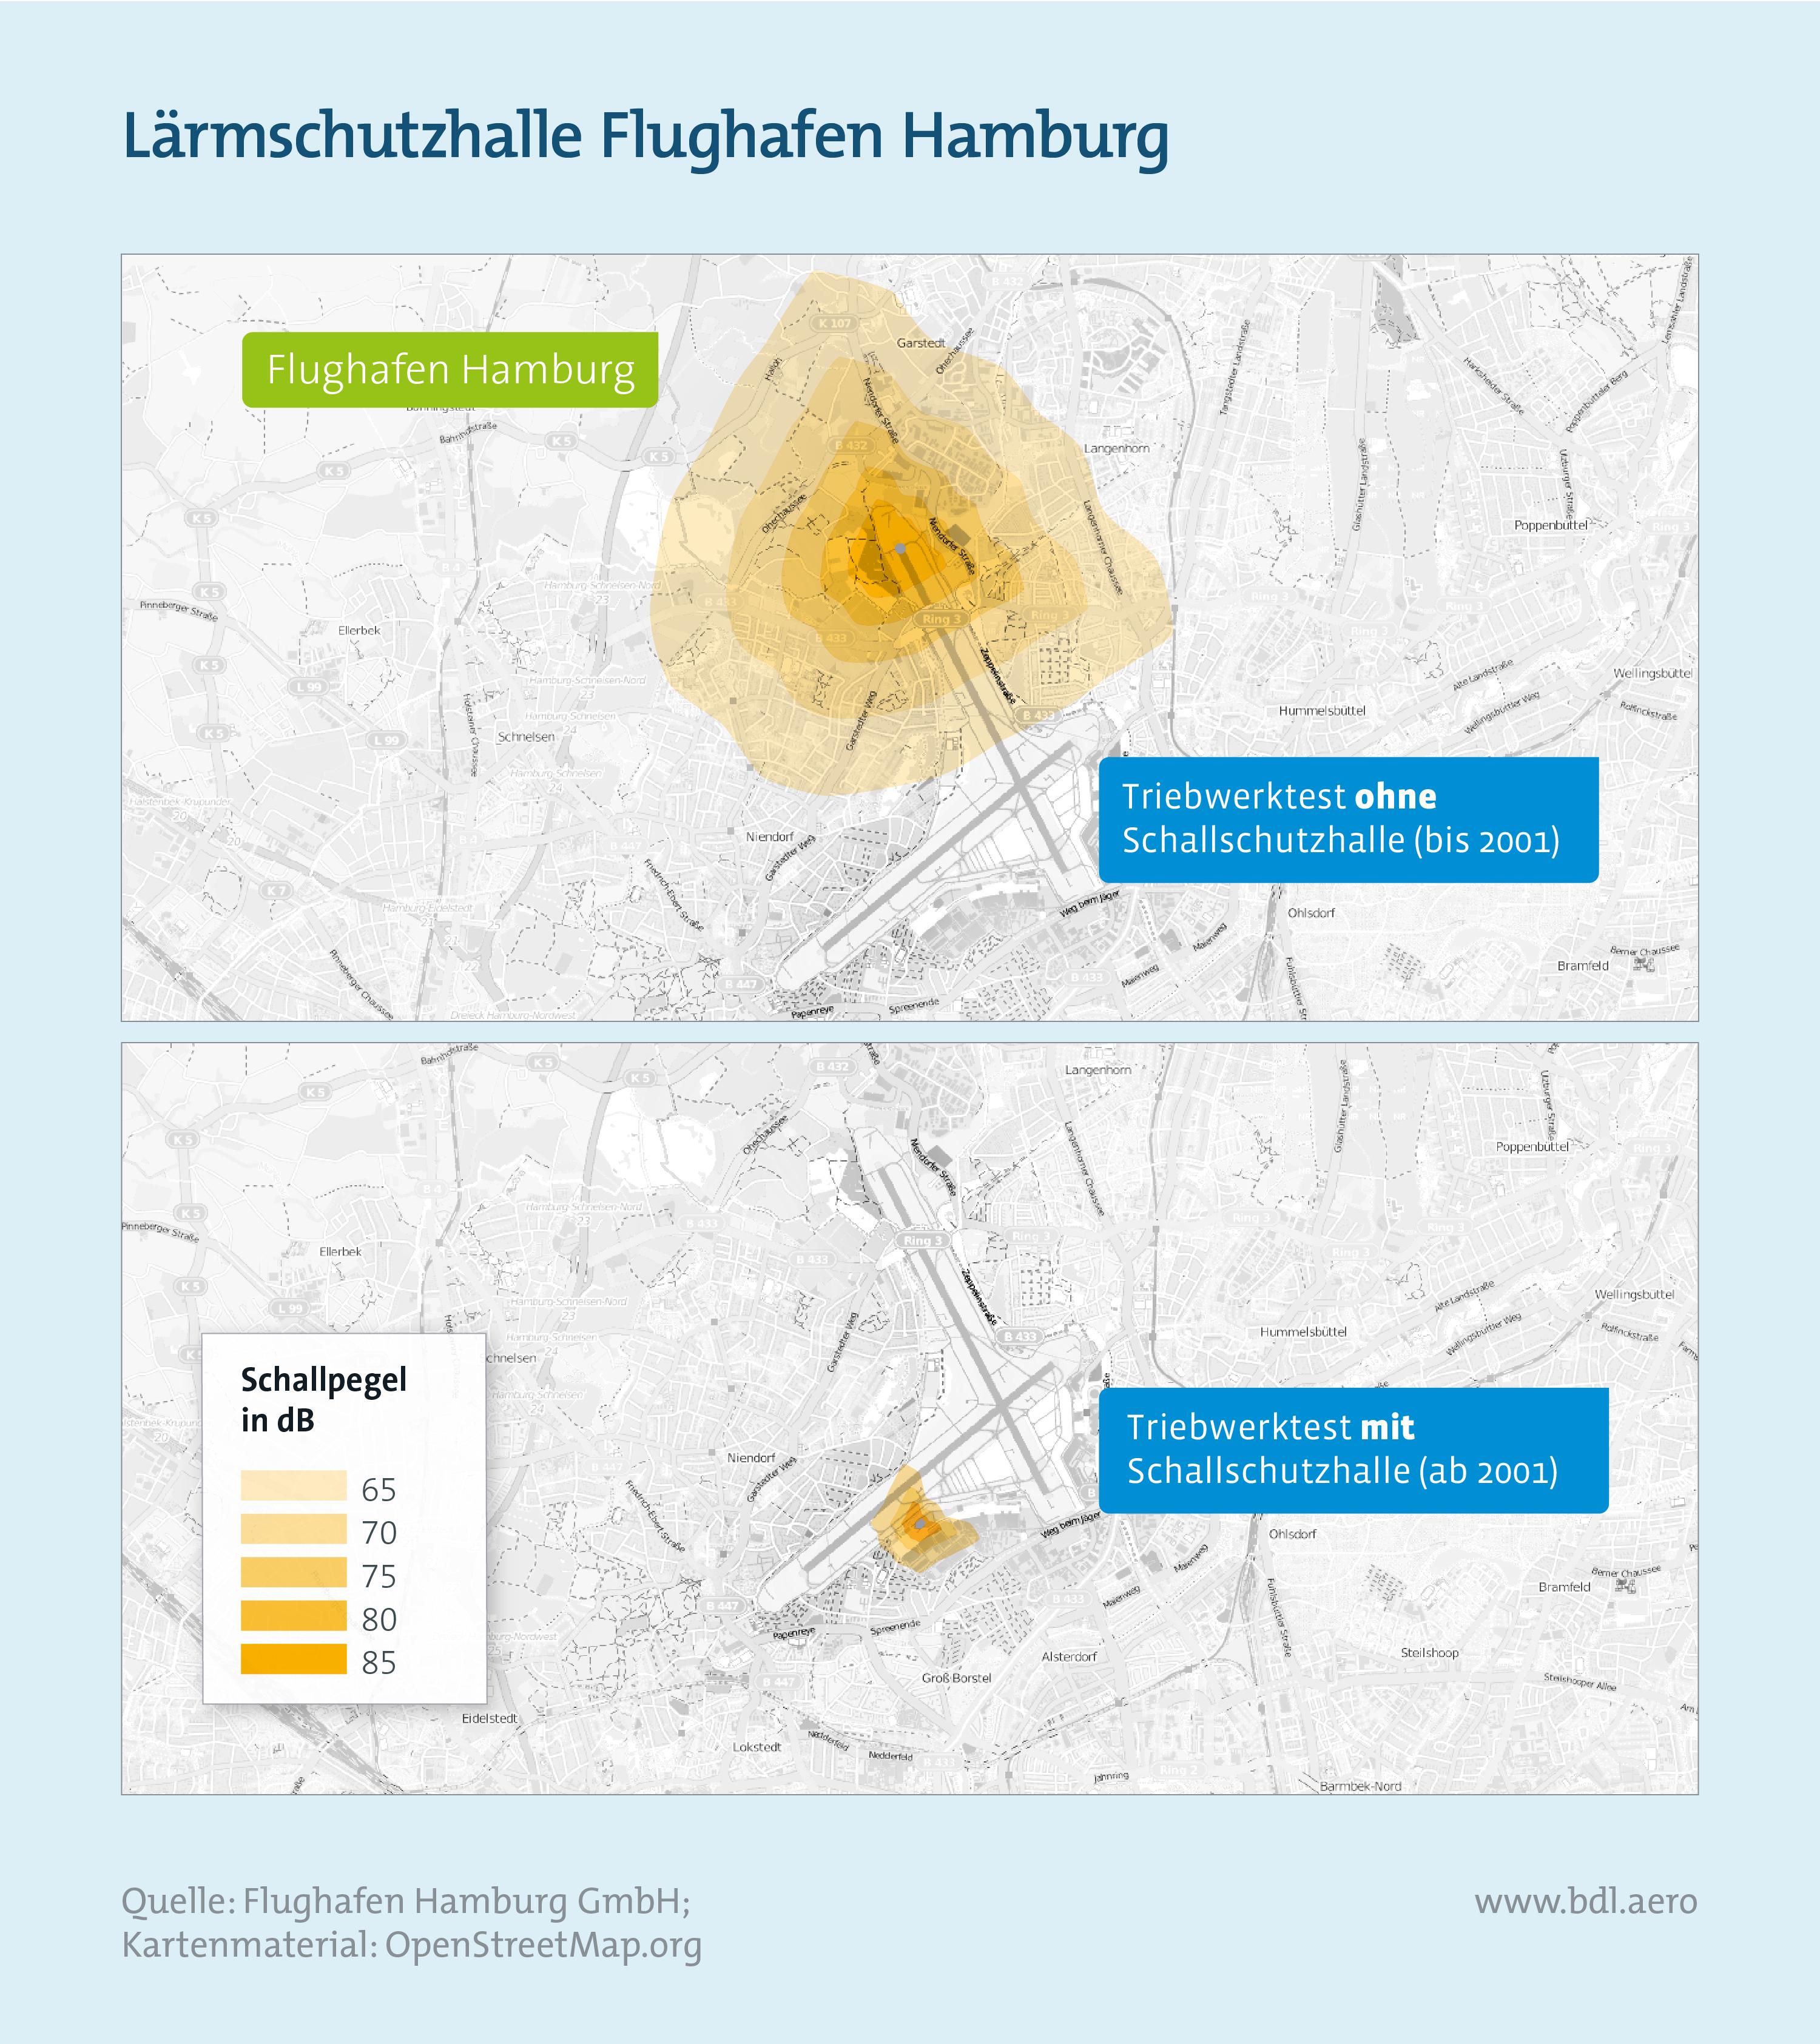 Fluglärm: Lärmschutzhalle Flughafen Hamburg